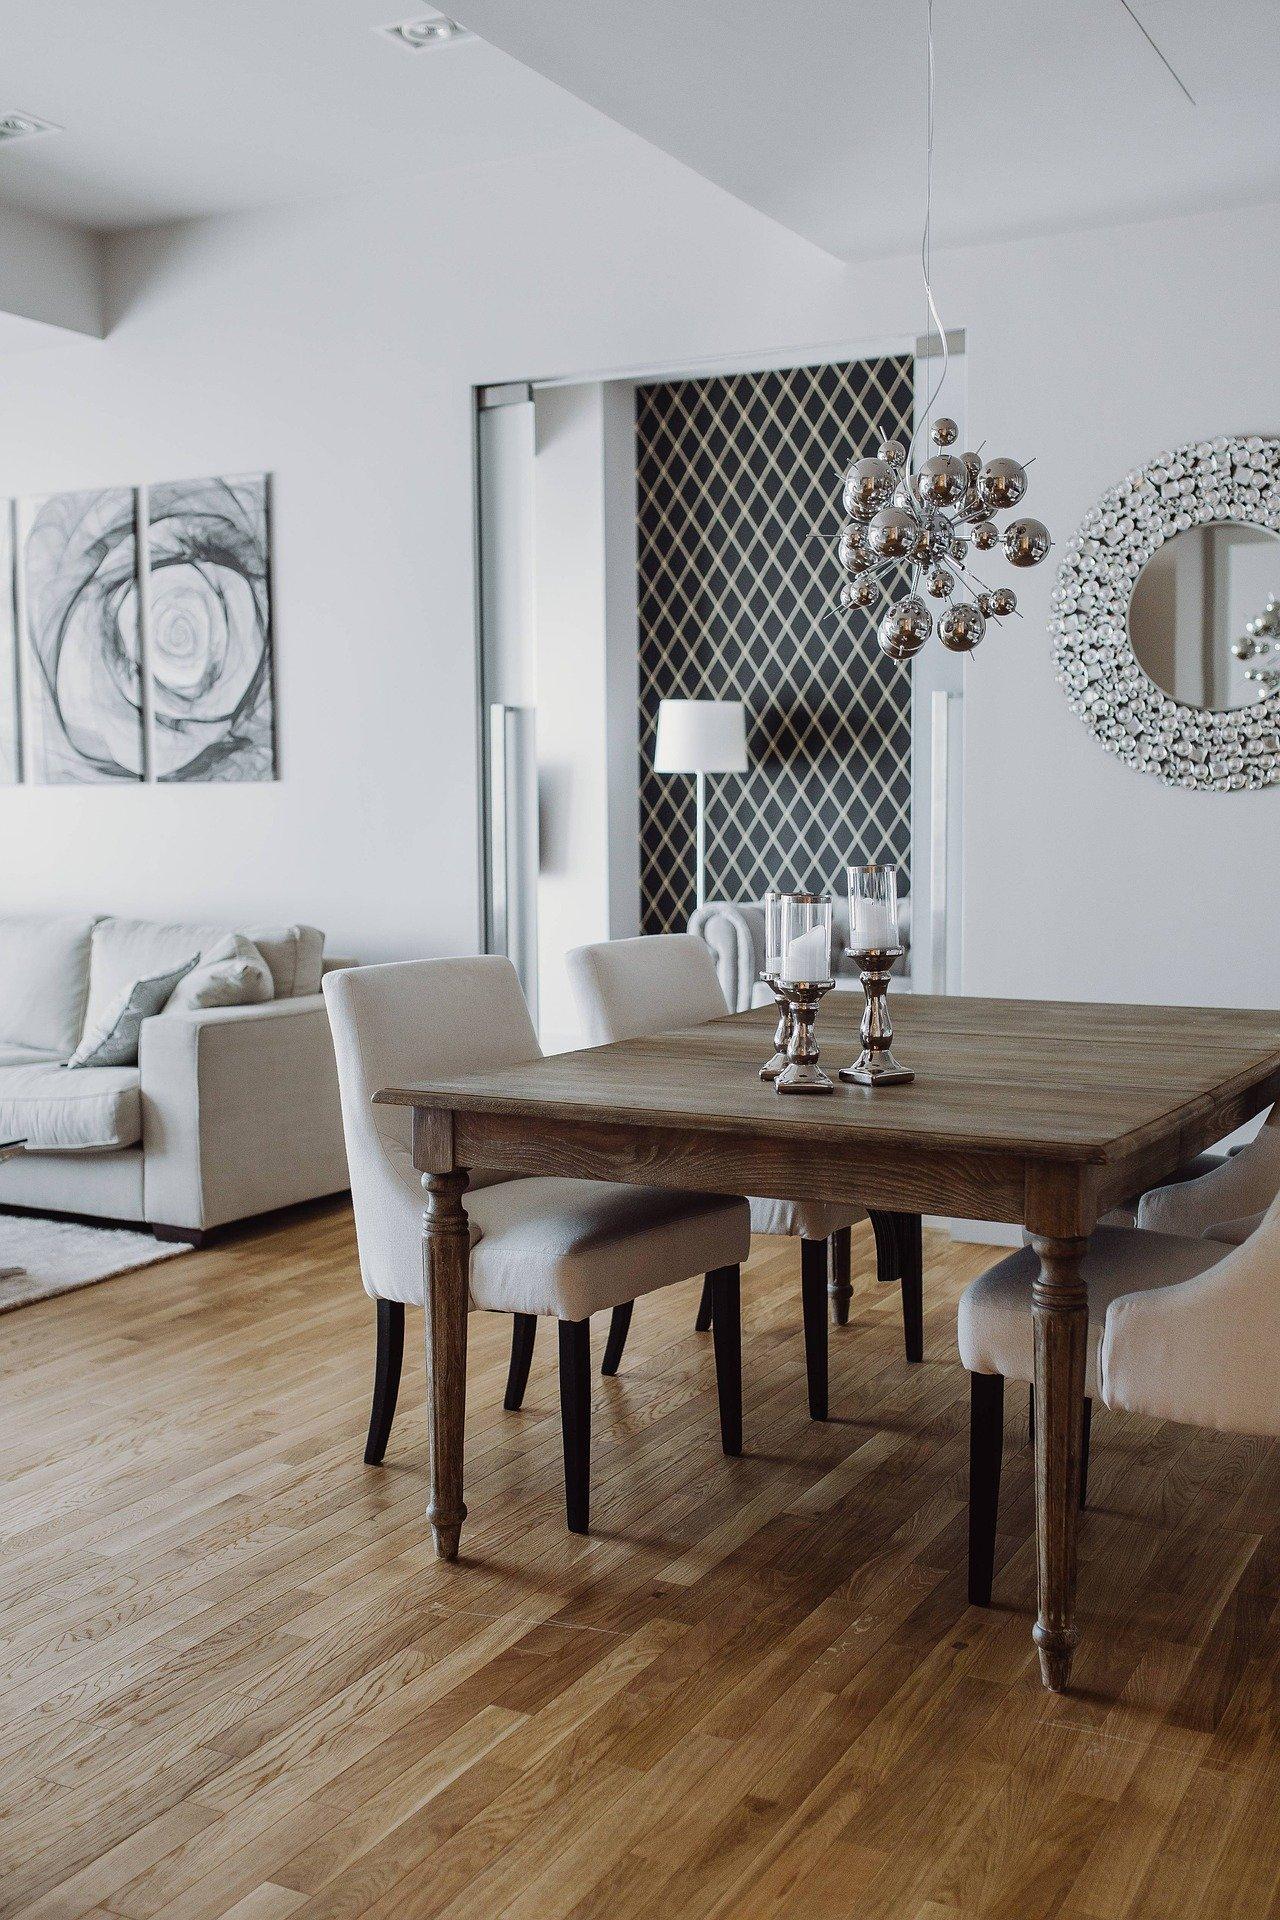 C'est un salon salle à manger avec une table en bois moderne et des chaises. On aperçoit un canapé et un tableau en arrière-plan. Une décoration immobilière digne d'un vrai home staging.